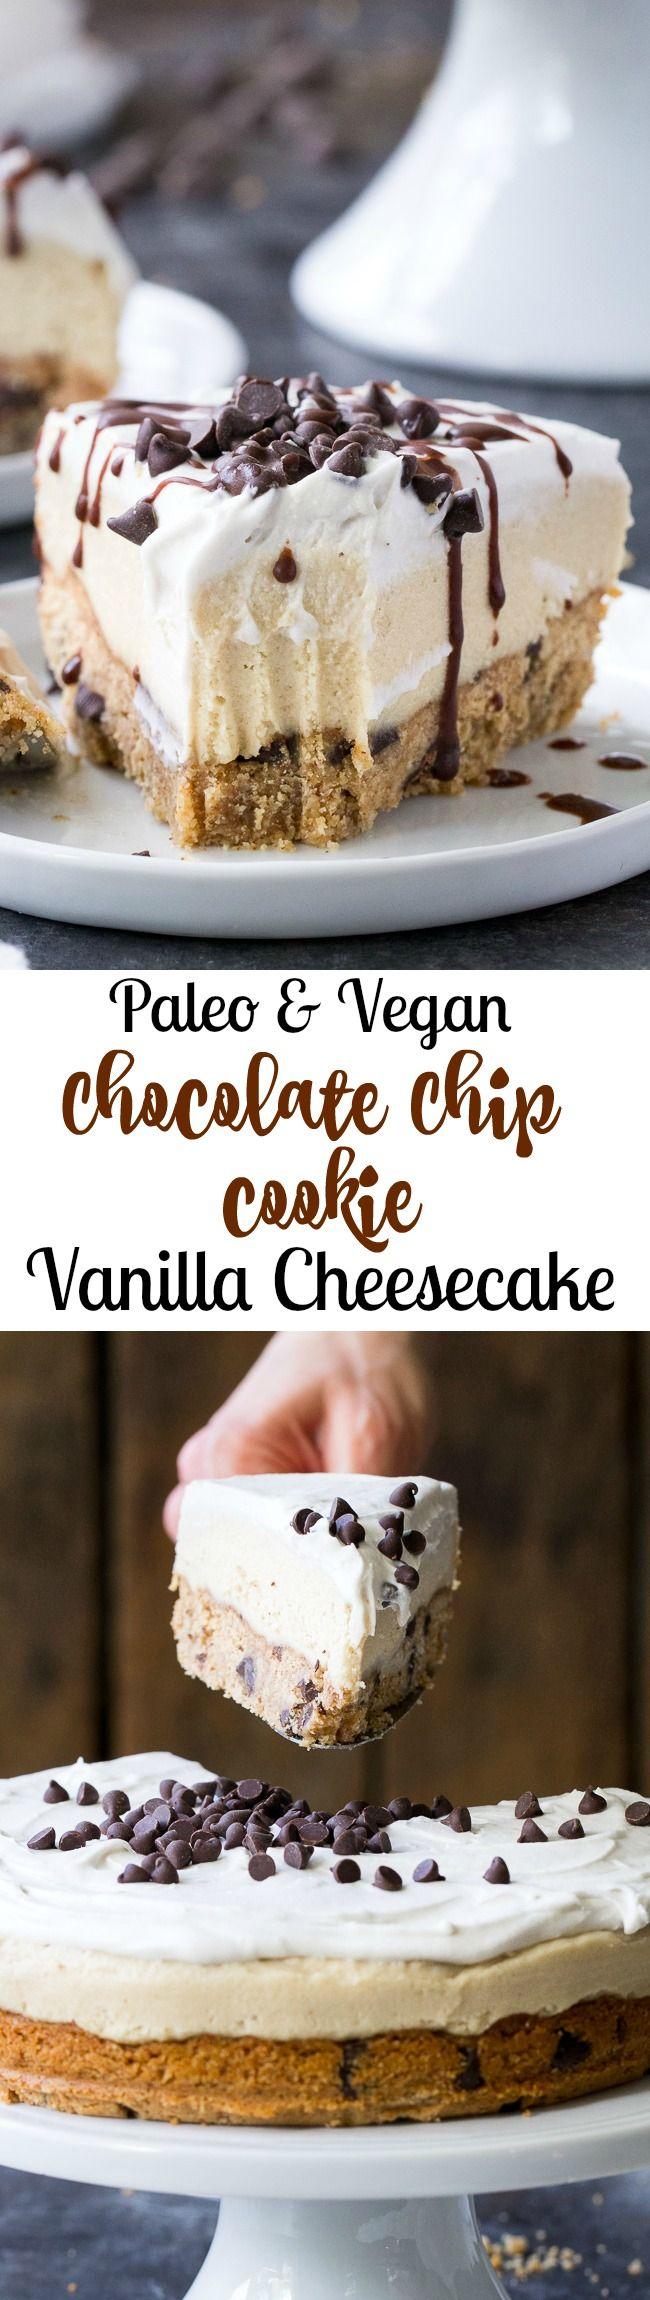 Chocolate Chip Cookie Vanilla Cheesecake {Paleo & Vegan} #justeatrealfood #paleorunningmomma